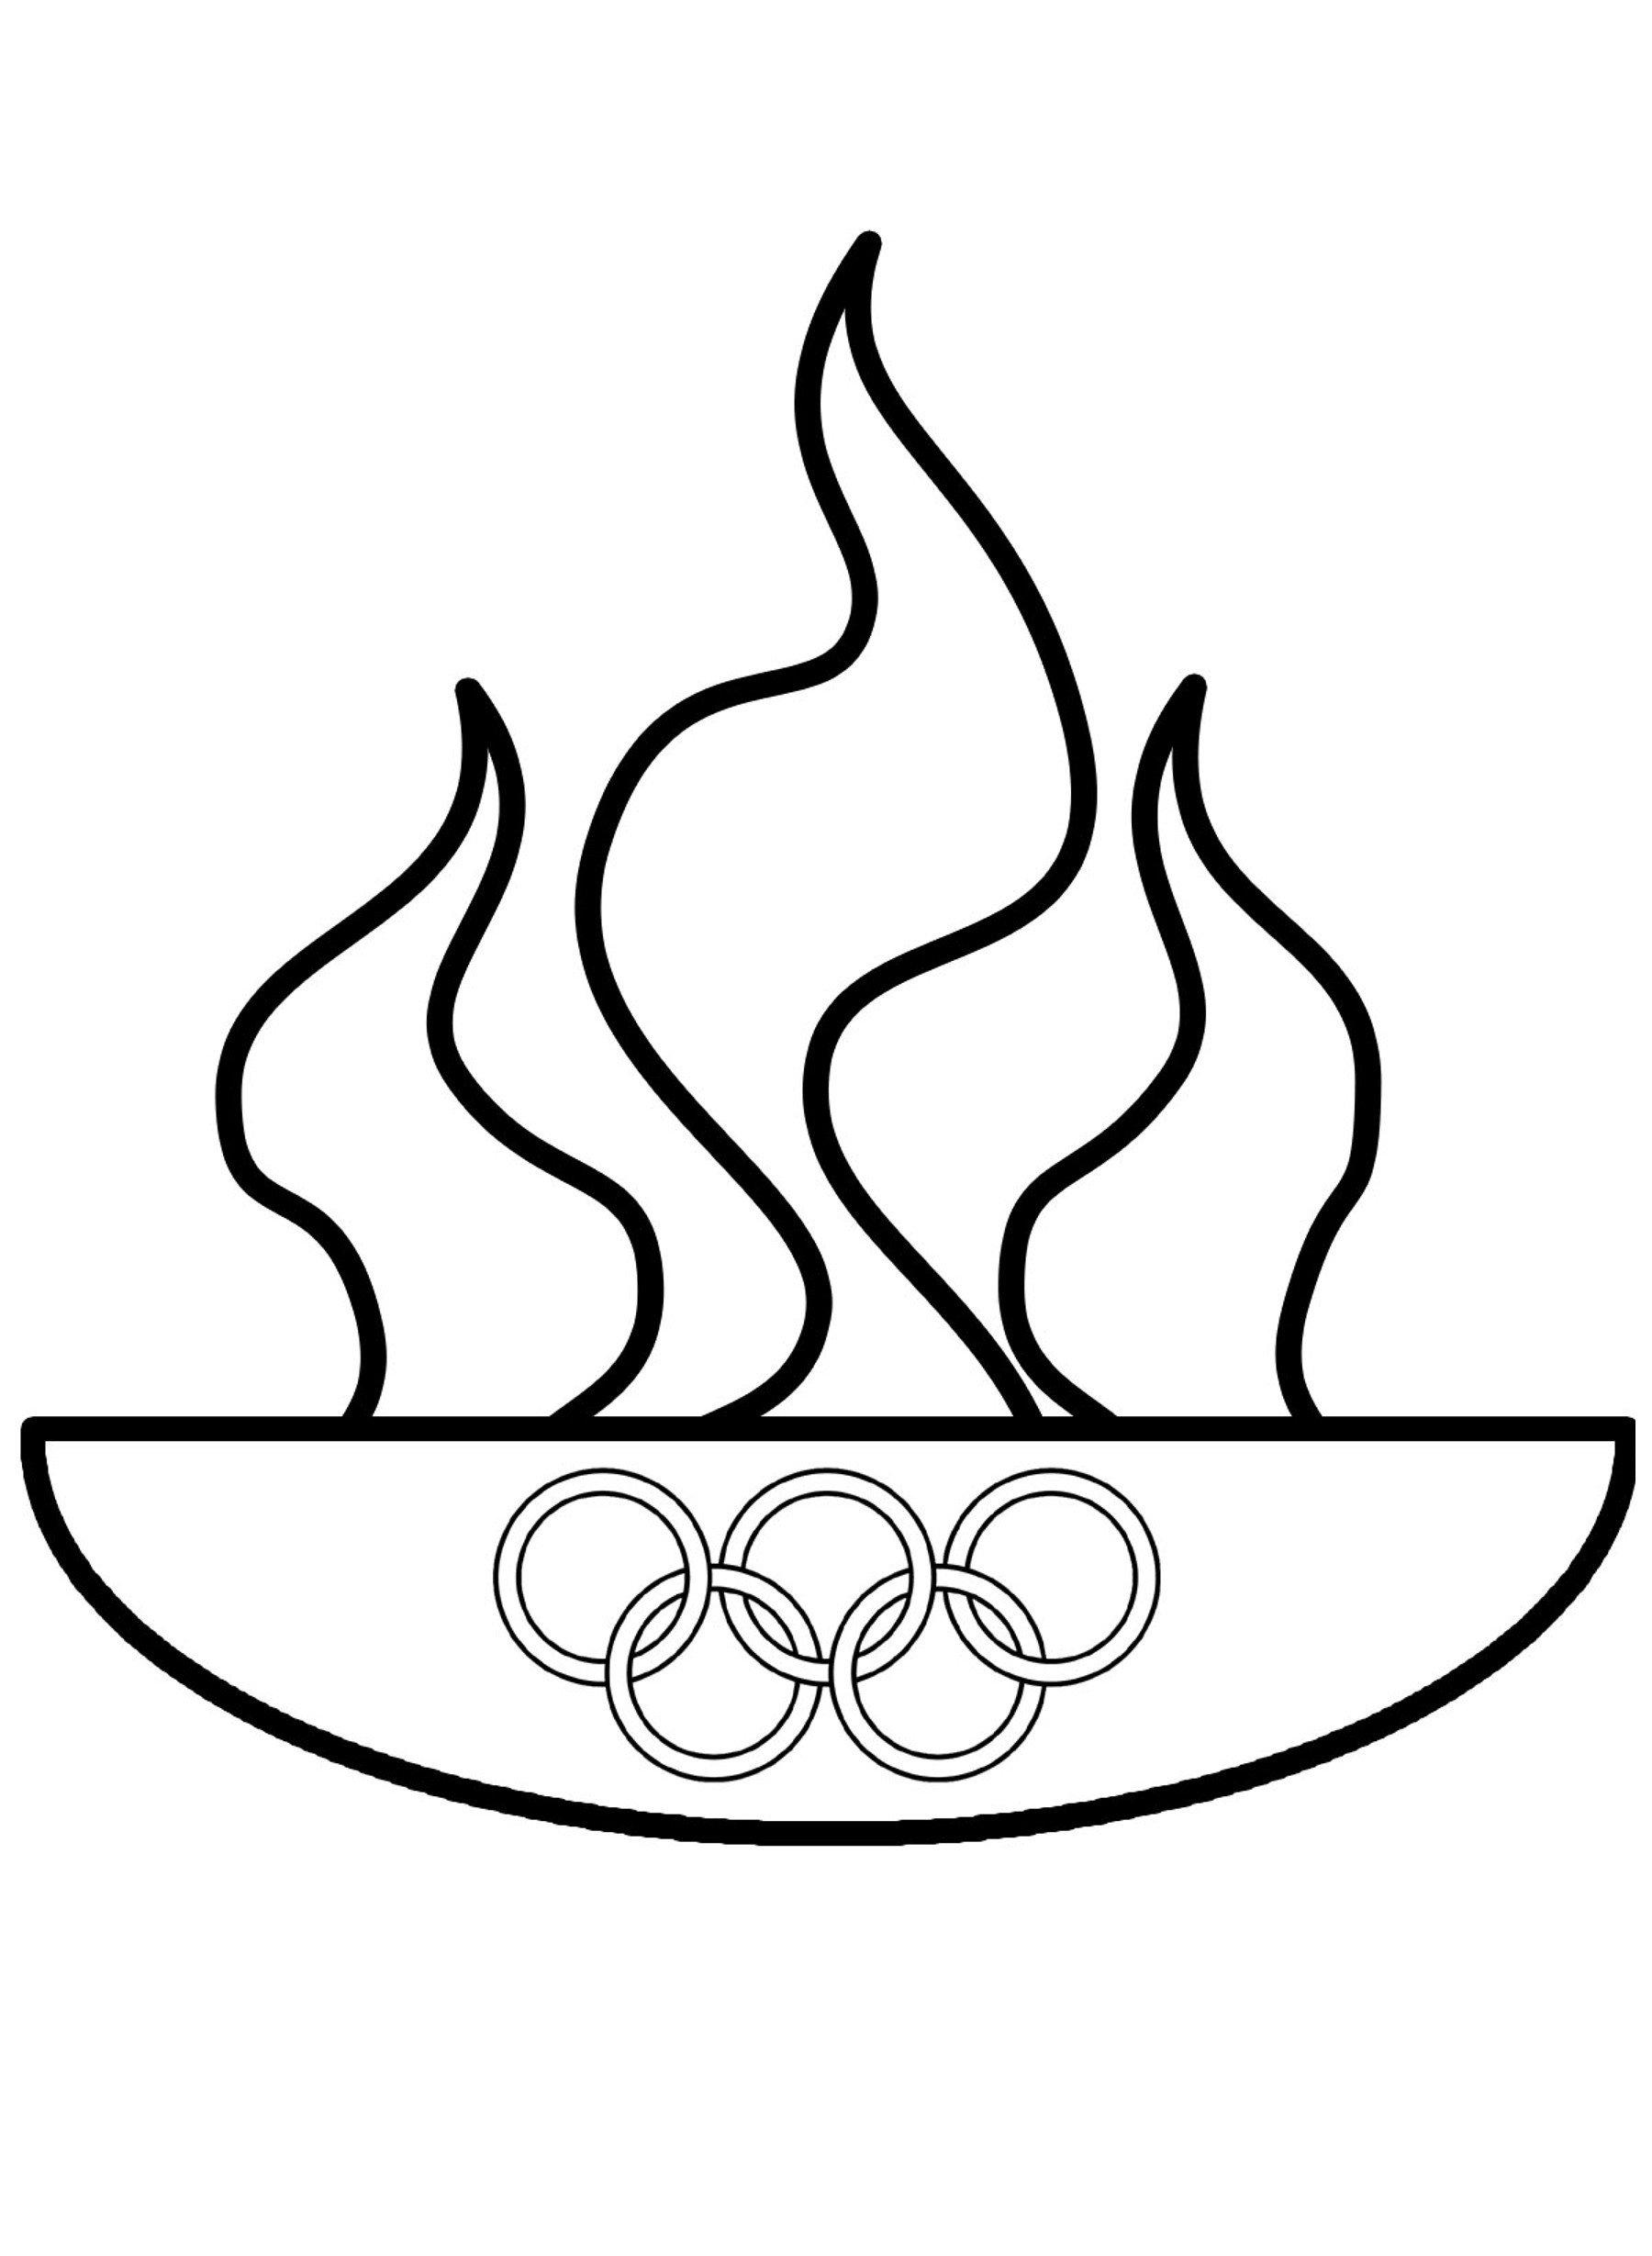 Раскраска олимпийские кольца - распечатать бесплатно в ...